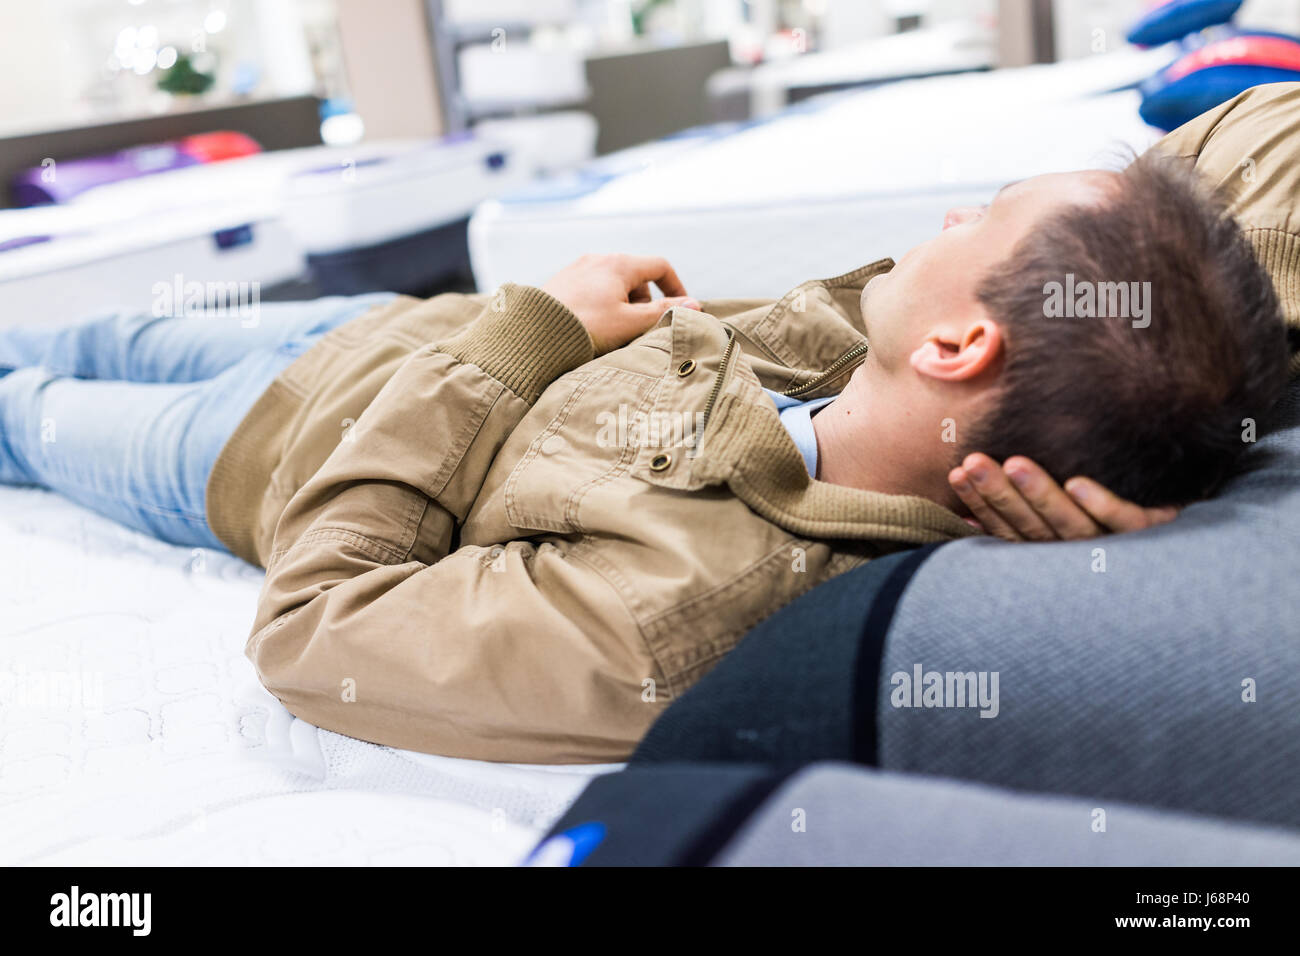 Joven probando se fijan en un colchón en la pantalla en la tienda Imagen De Stock